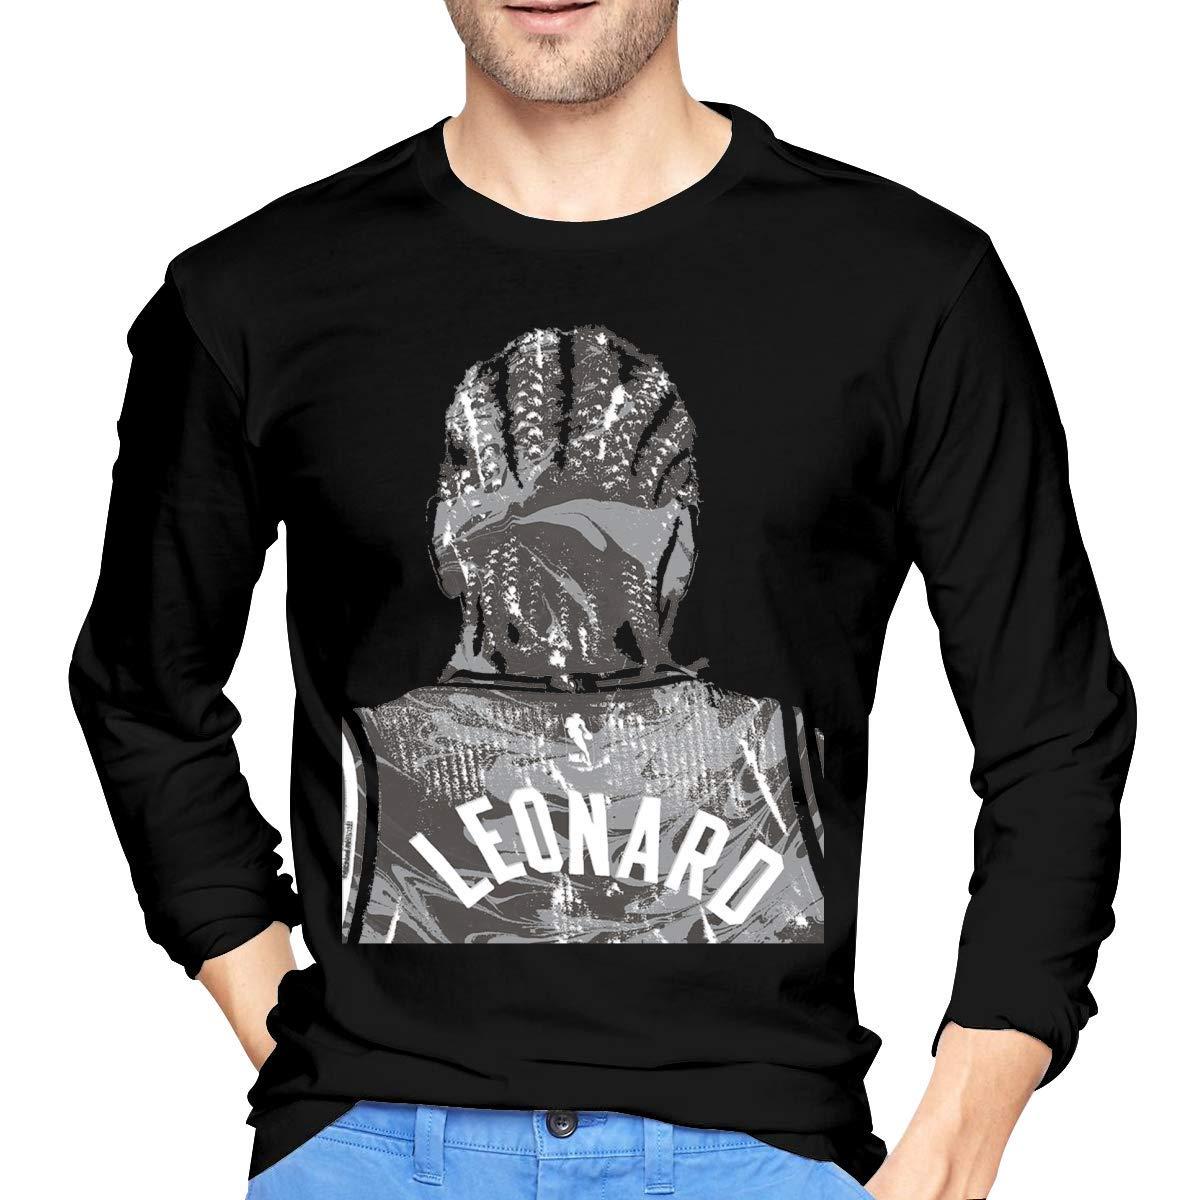 S Basketball Clothing Kawhi Though Leonard Shirt X